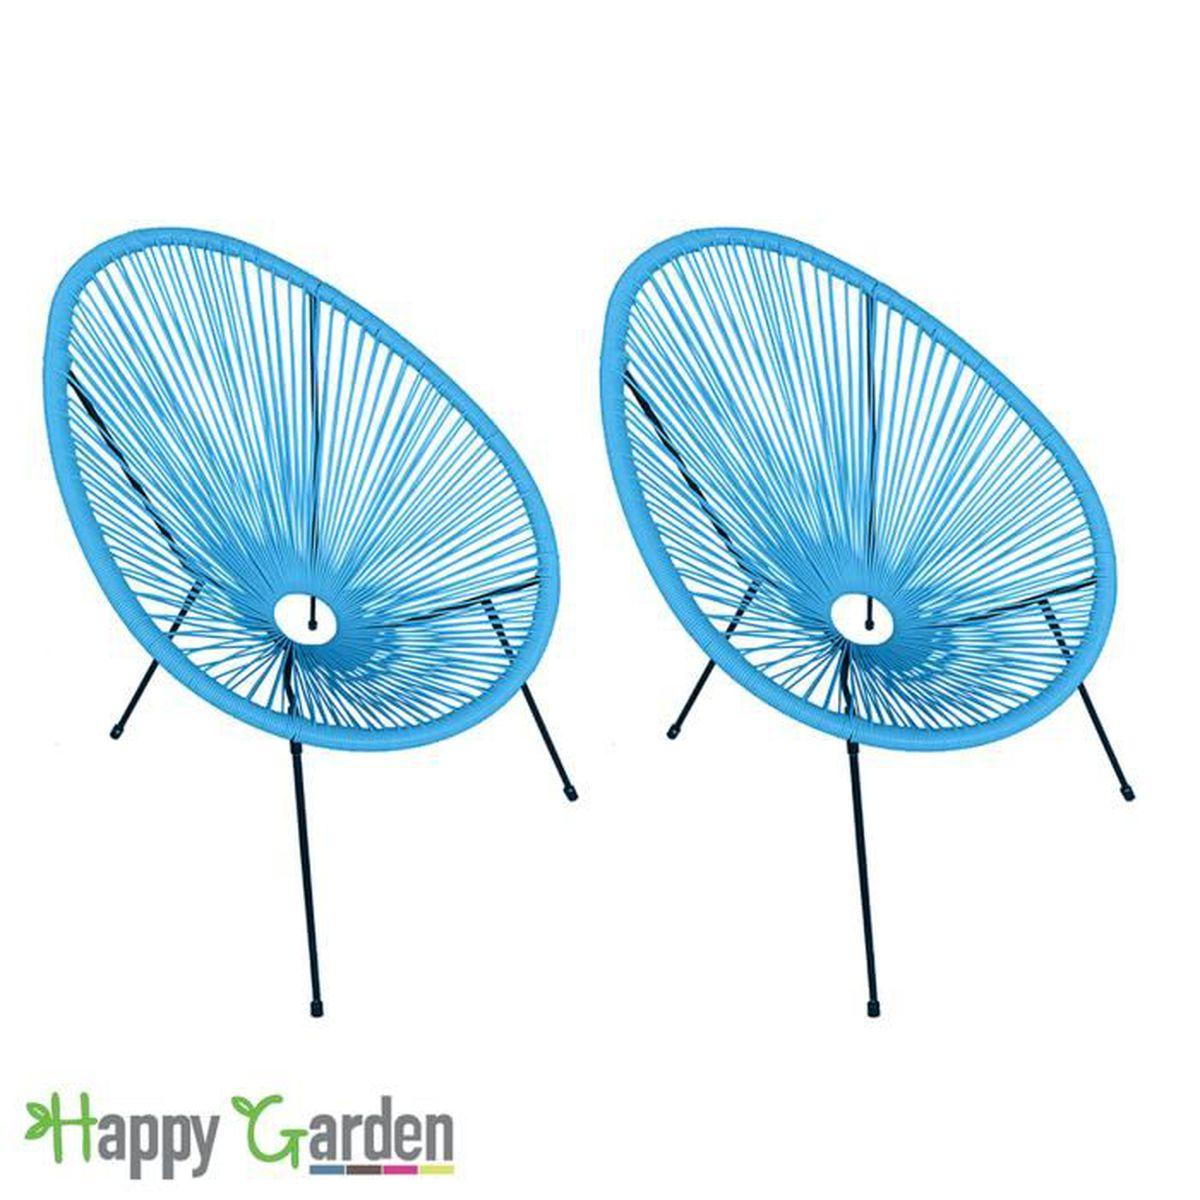 fauteuil de jardin acapulco achat vente fauteuil de jardin acapulco pas cher soldes d s. Black Bedroom Furniture Sets. Home Design Ideas